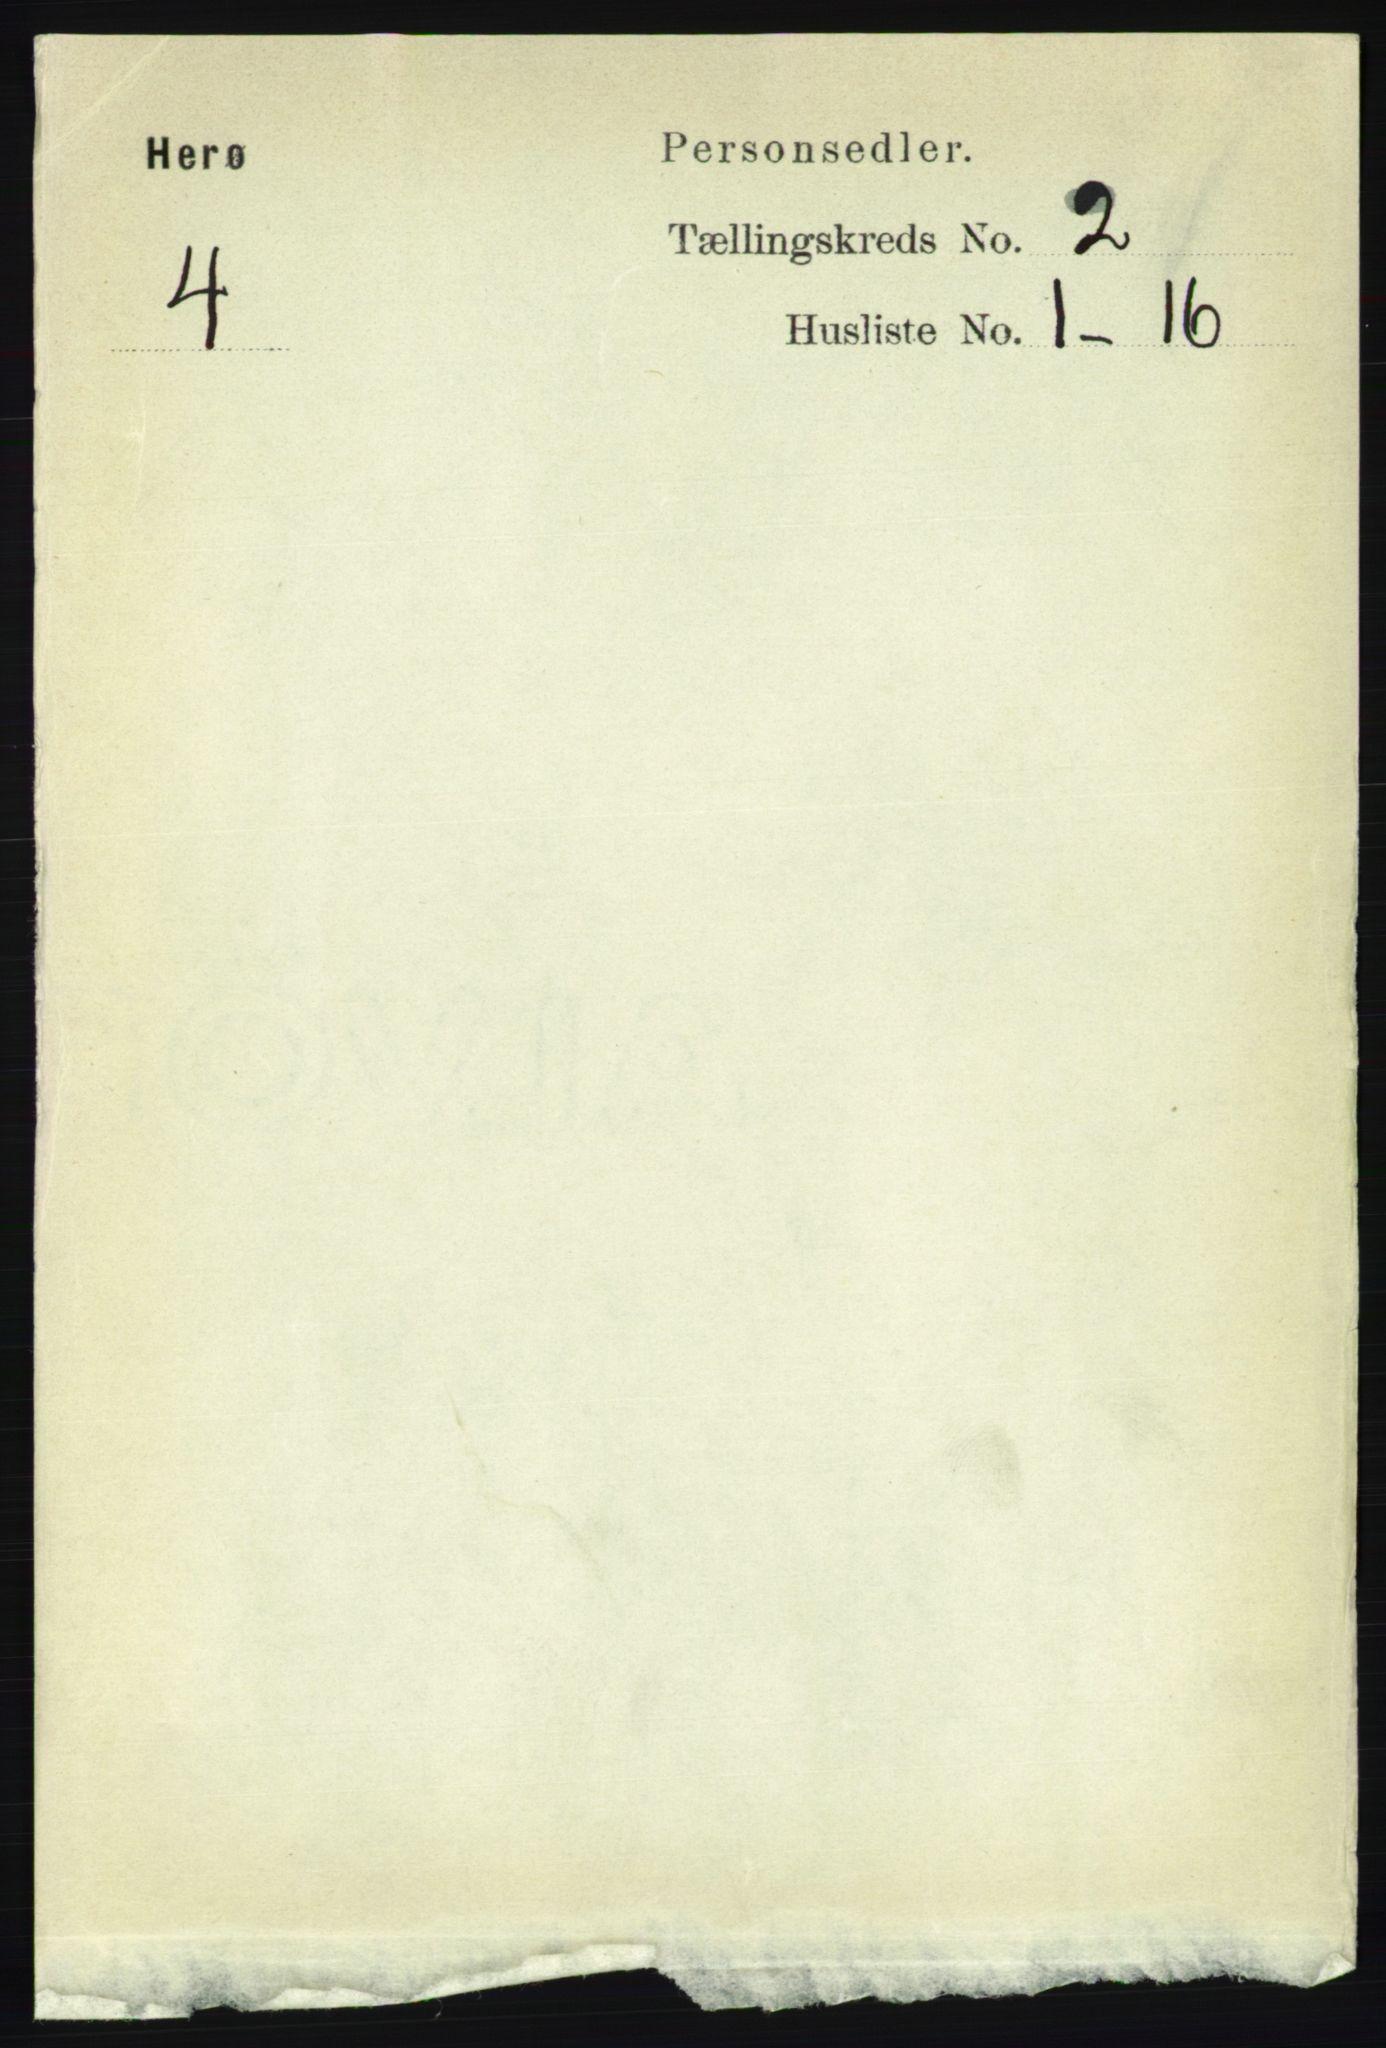 RA, Folketelling 1891 for 1818 Herøy herred, 1891, s. 250